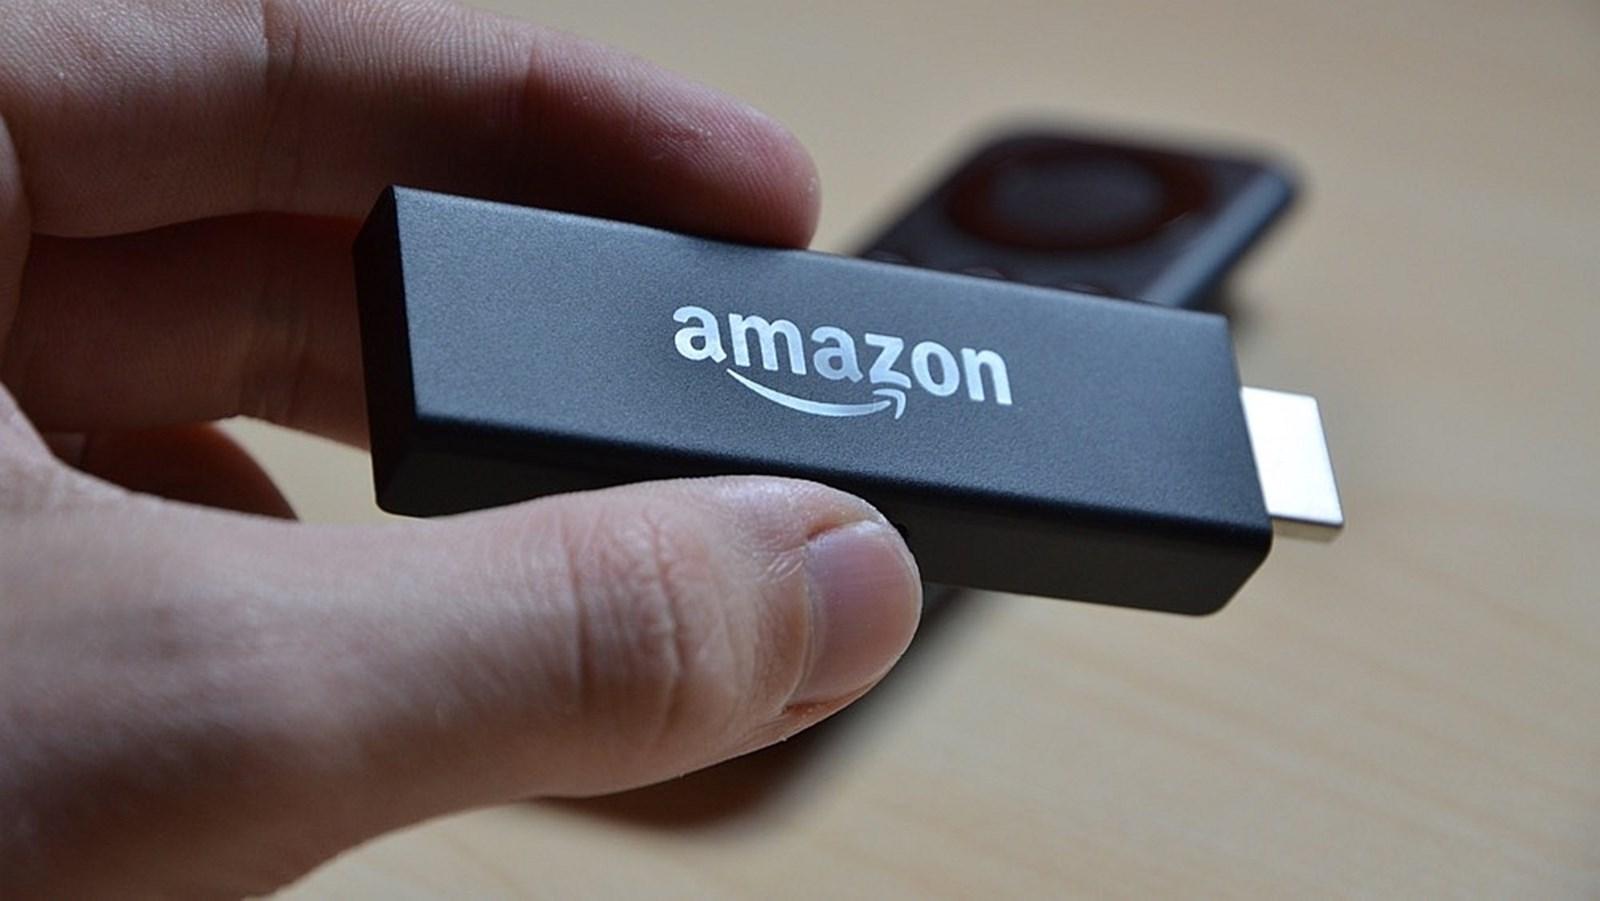 Amazon meldet 34 Millionen Fire TV Stick-Nutzer